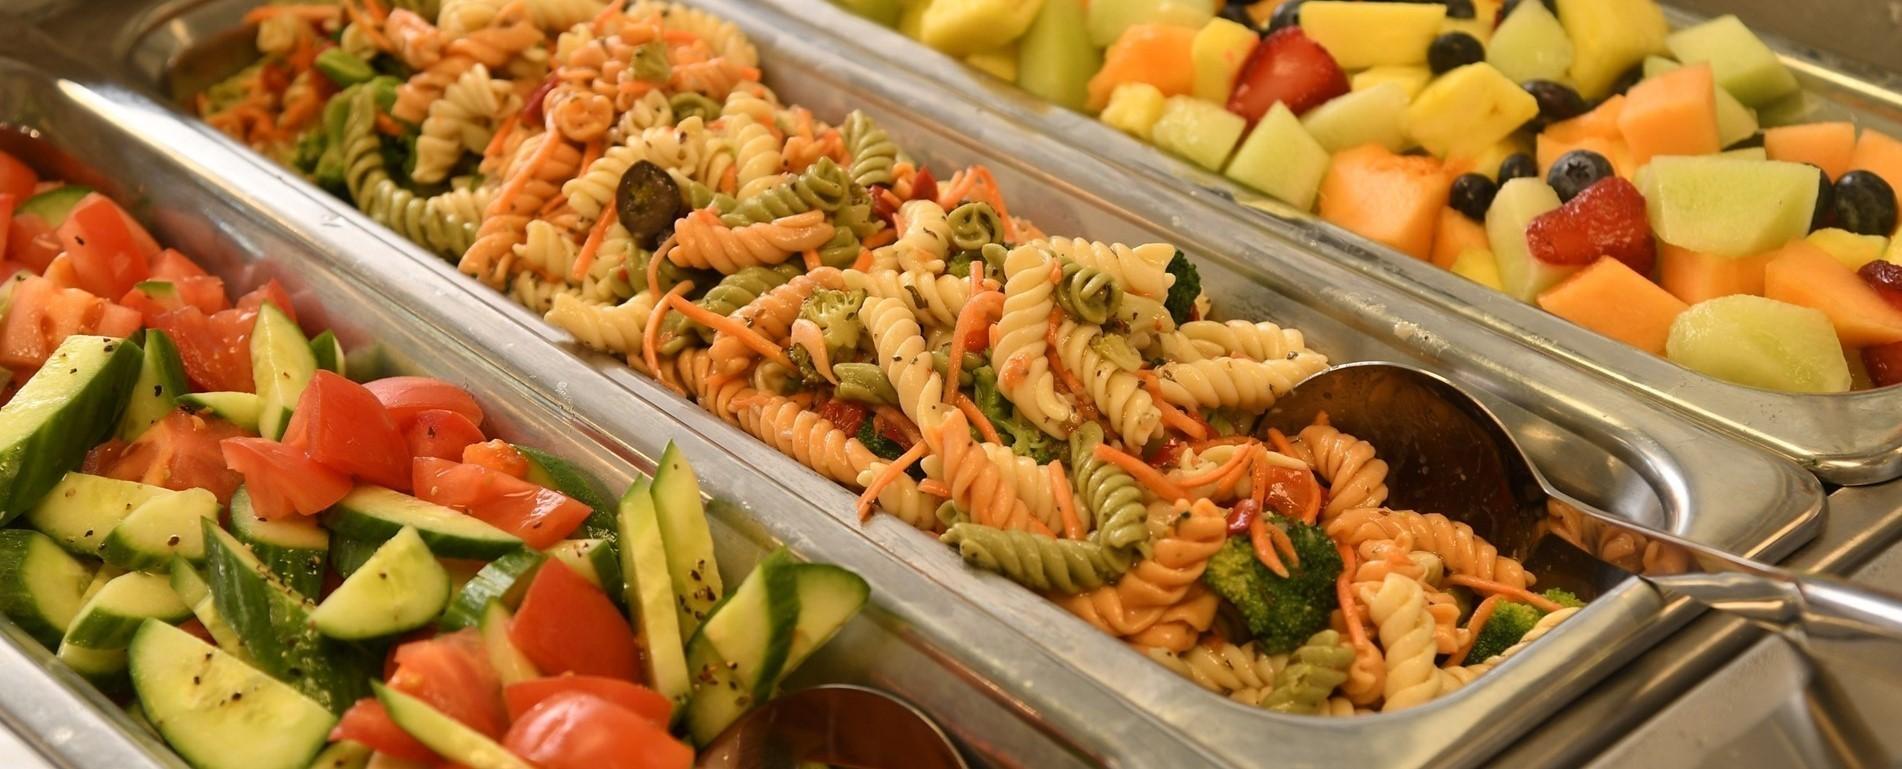 Fruit & Vegetable Side Station